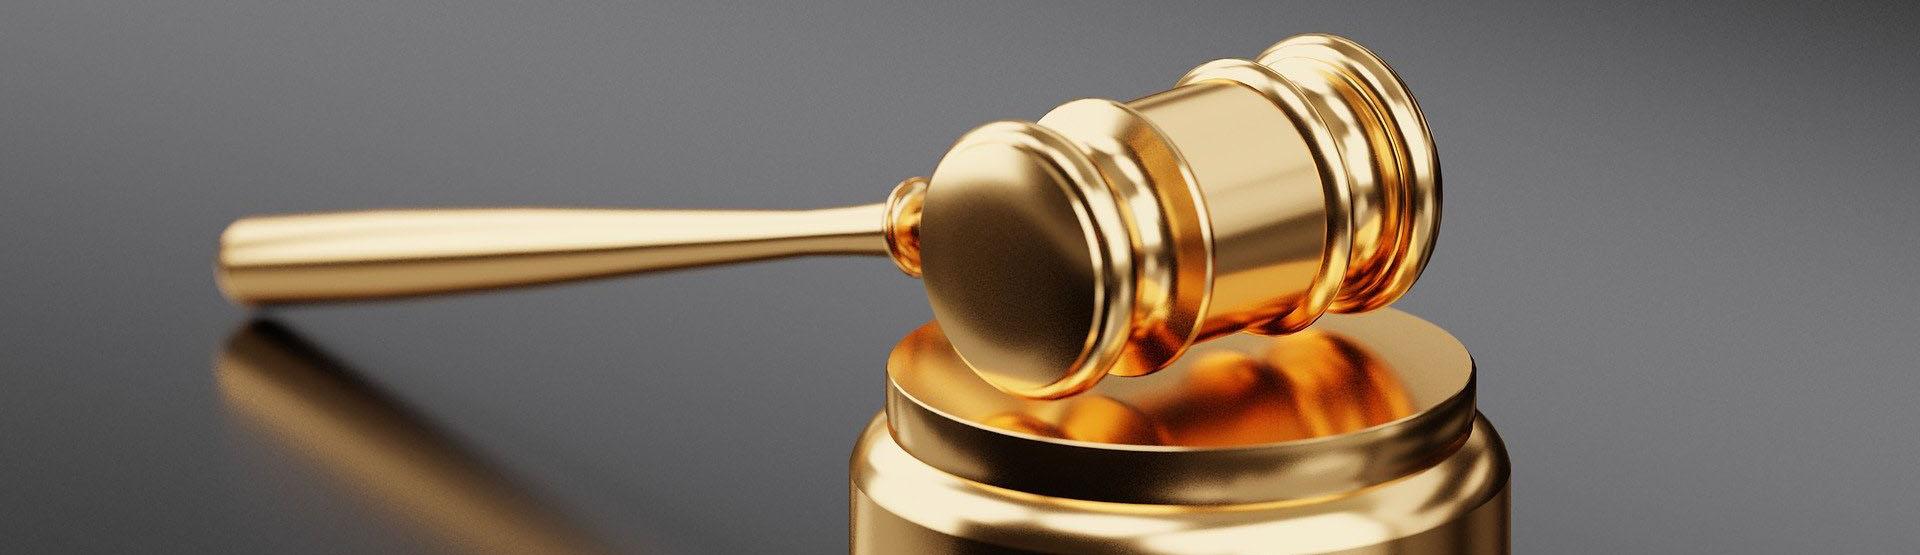 Servicio Reclamación civil de la categoria Accidentes de tráfico y otros